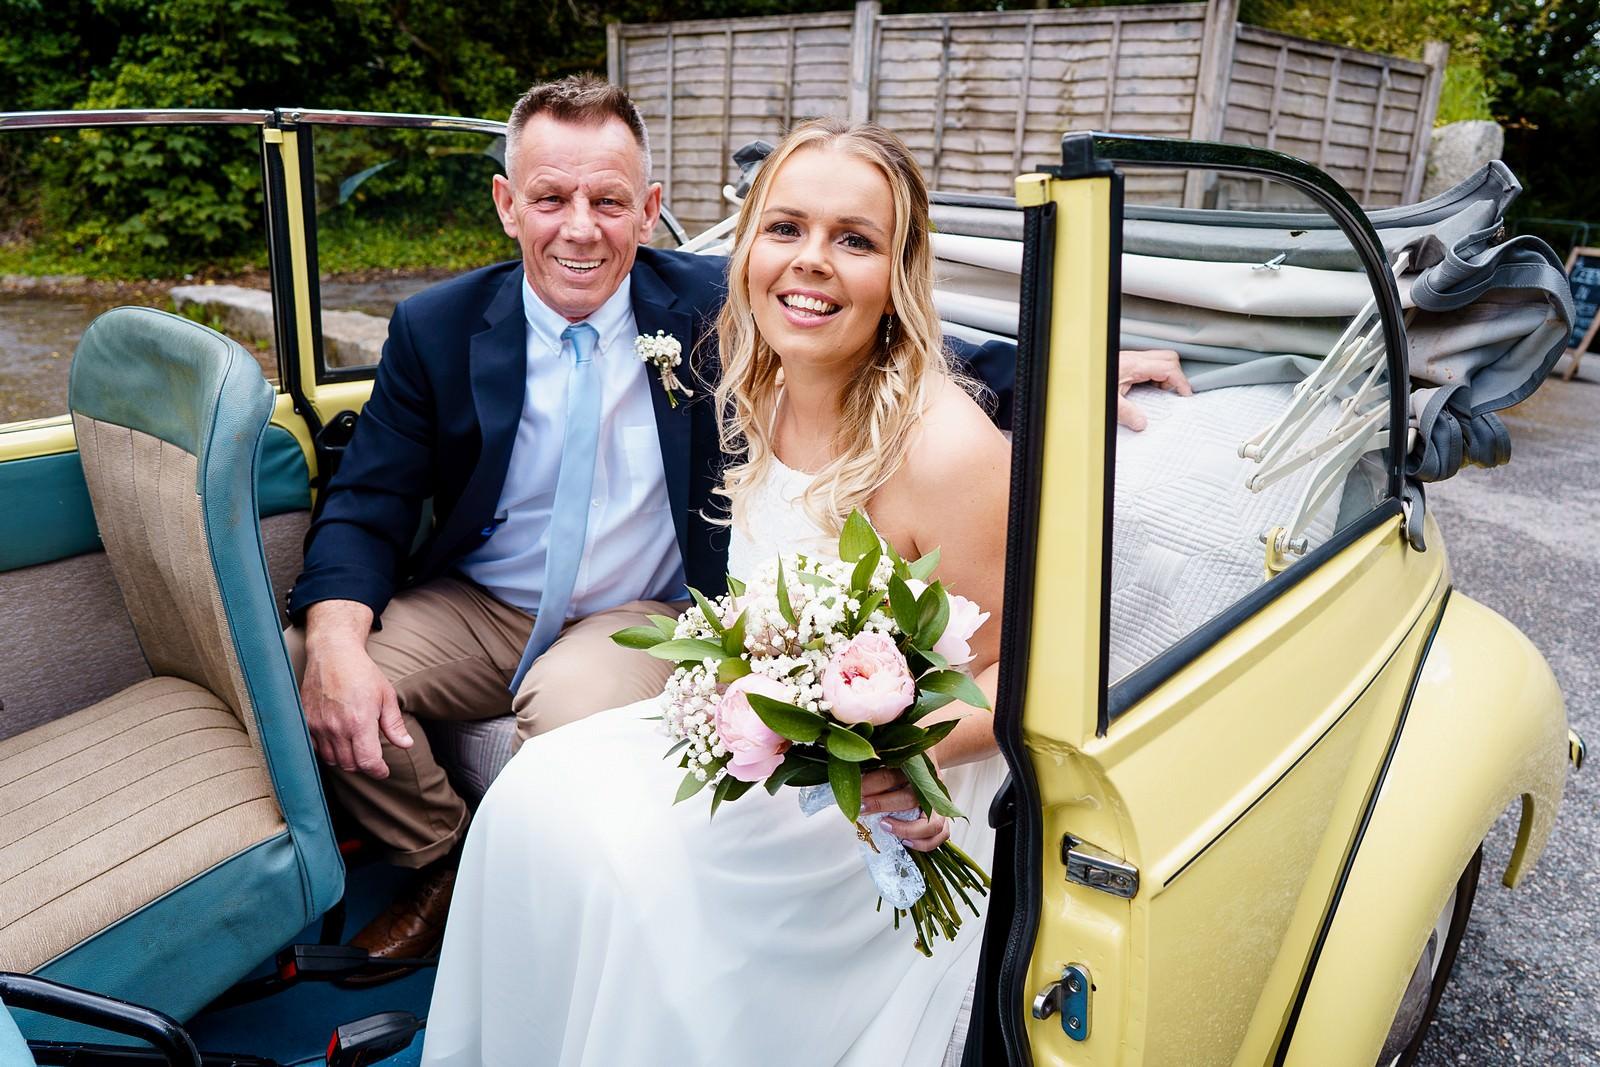 Cornwall wedding car at knightor winery wedding 30